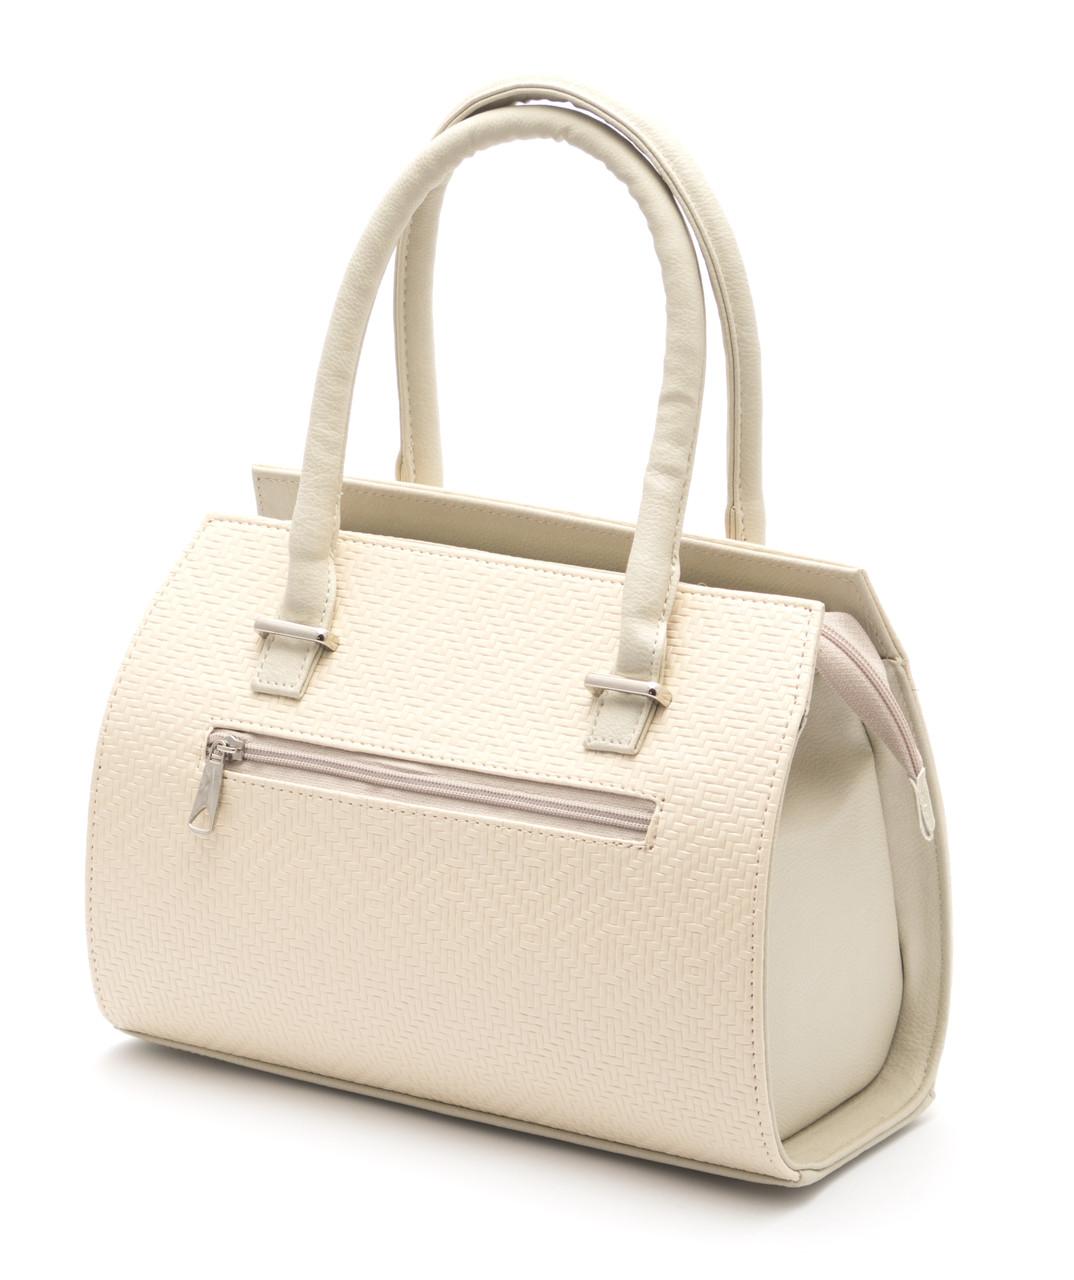 dd6ff5dfcc8a Красивая женская бежевая сумка B.Elit Украина Украина art. 05-29, цена 600  грн., купить в Виннице — Prom.ua (ID#333080469)